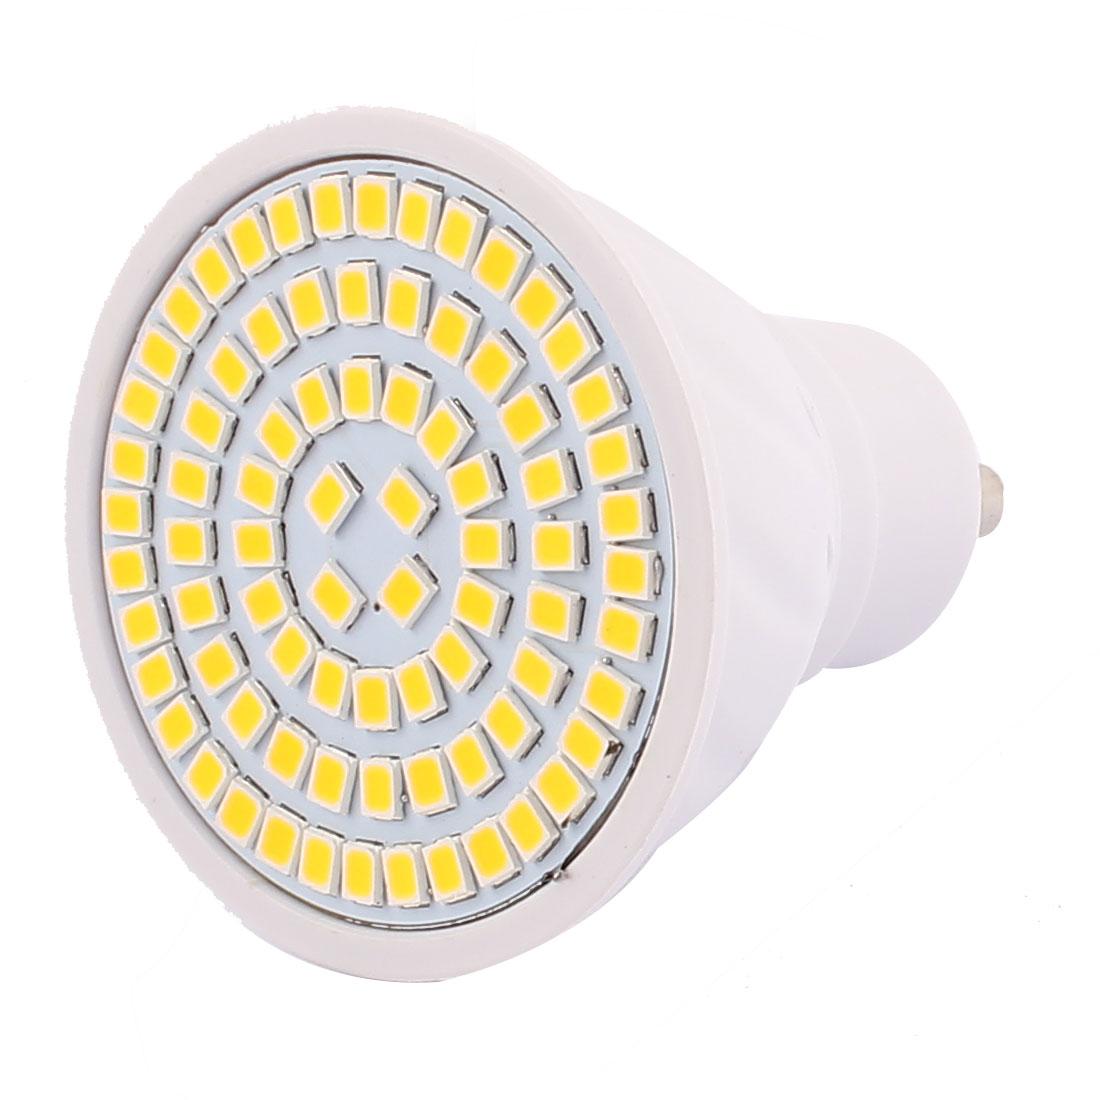 GU10 SMD 2835 80 LEDs Plastic Energy-Saving LED Lamp Bulb Warm White AC 220V 8W